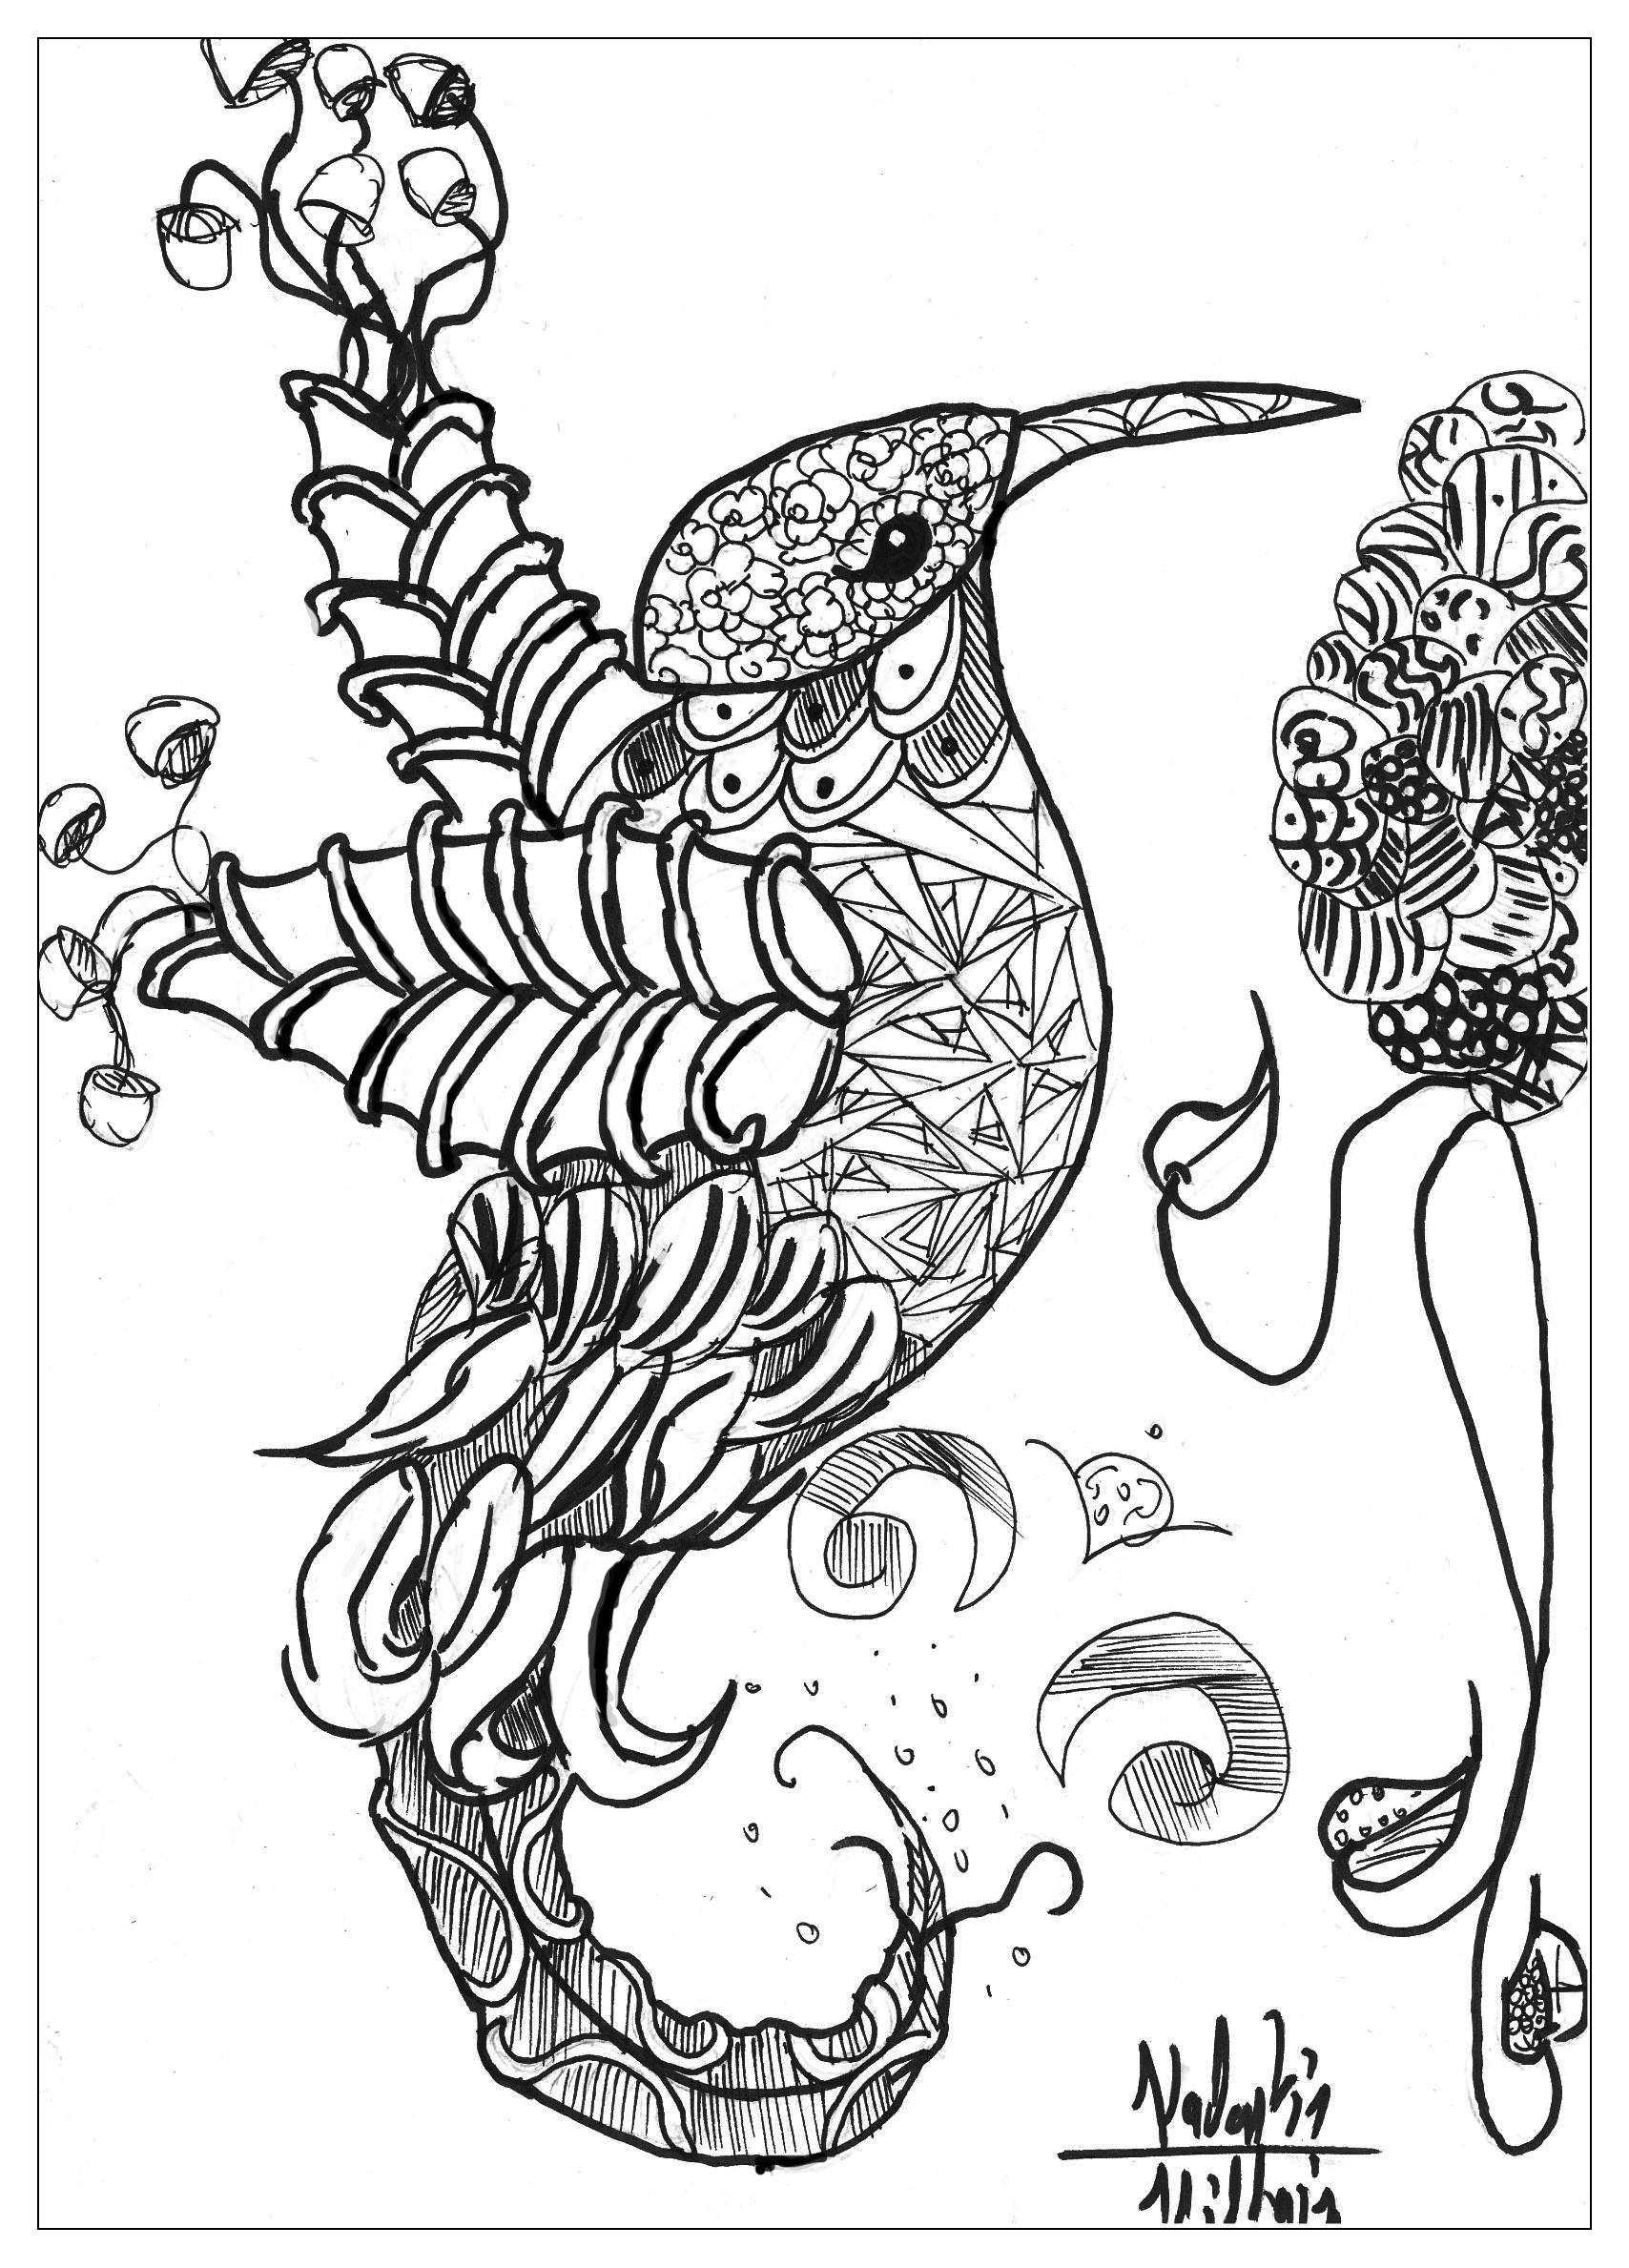 Colorear para adultos  : Aves - 13